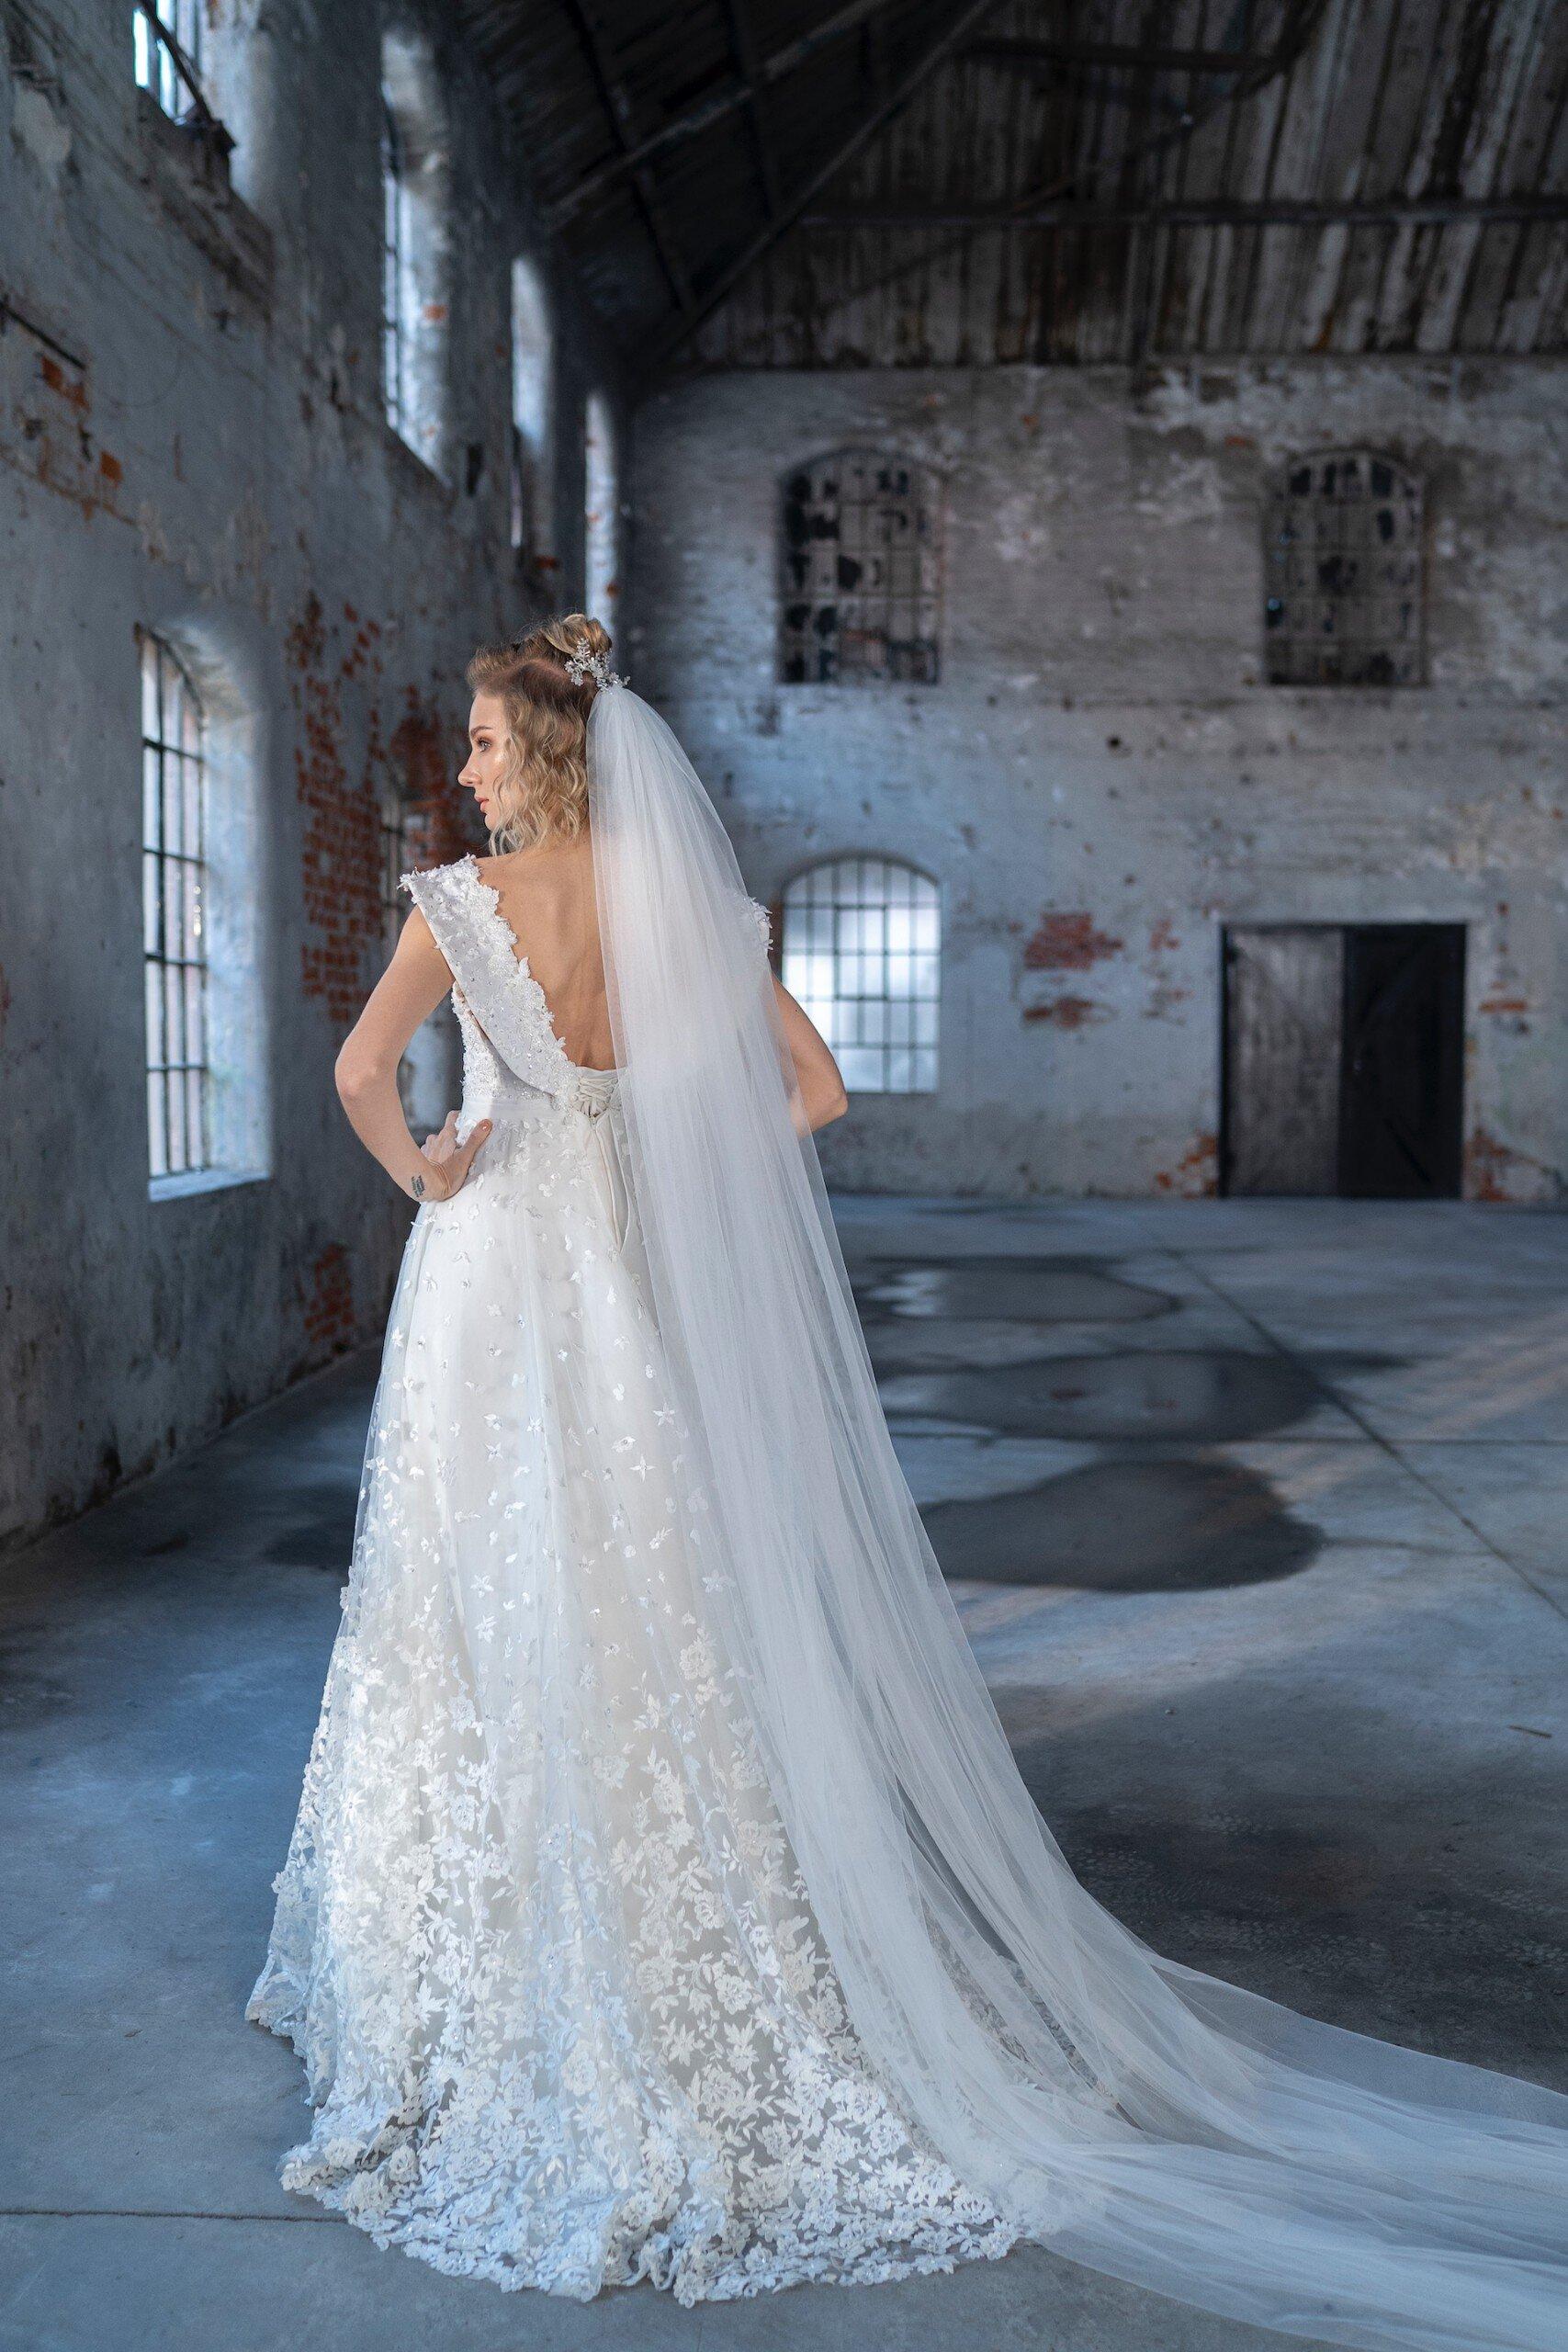 Brautkleid in A-Linie mit herzförmigem Ausschnitt, blumigen Details und Pailletten von Emine Yildirim, Modell 9022